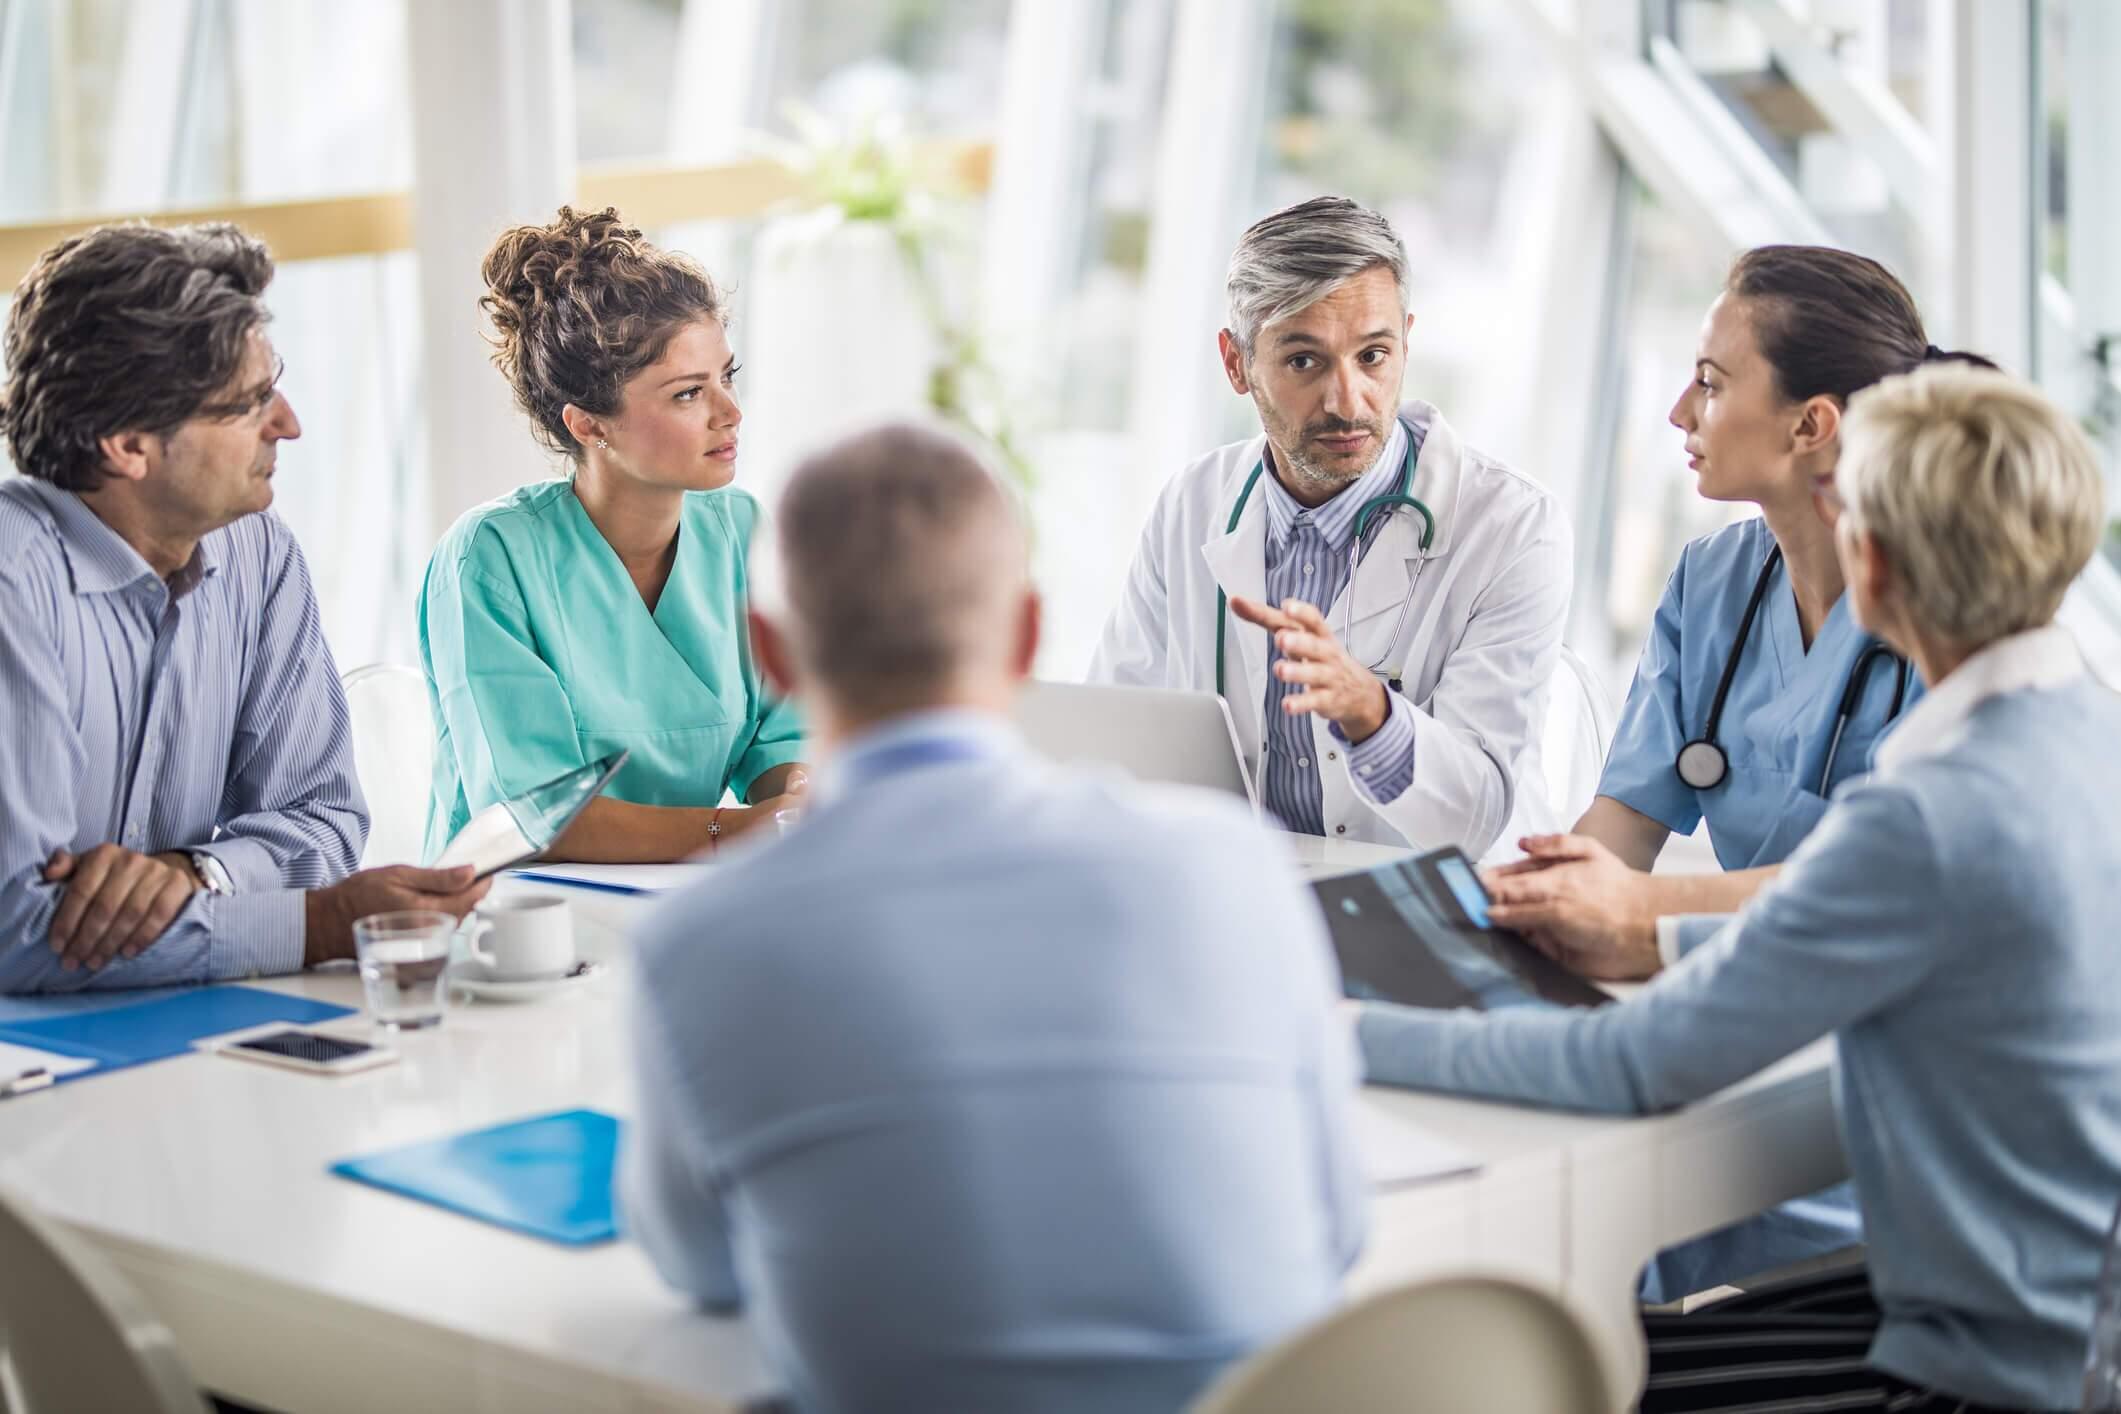 Aprenda a fazer marketing médico de acordo com as diretrizes do CFM